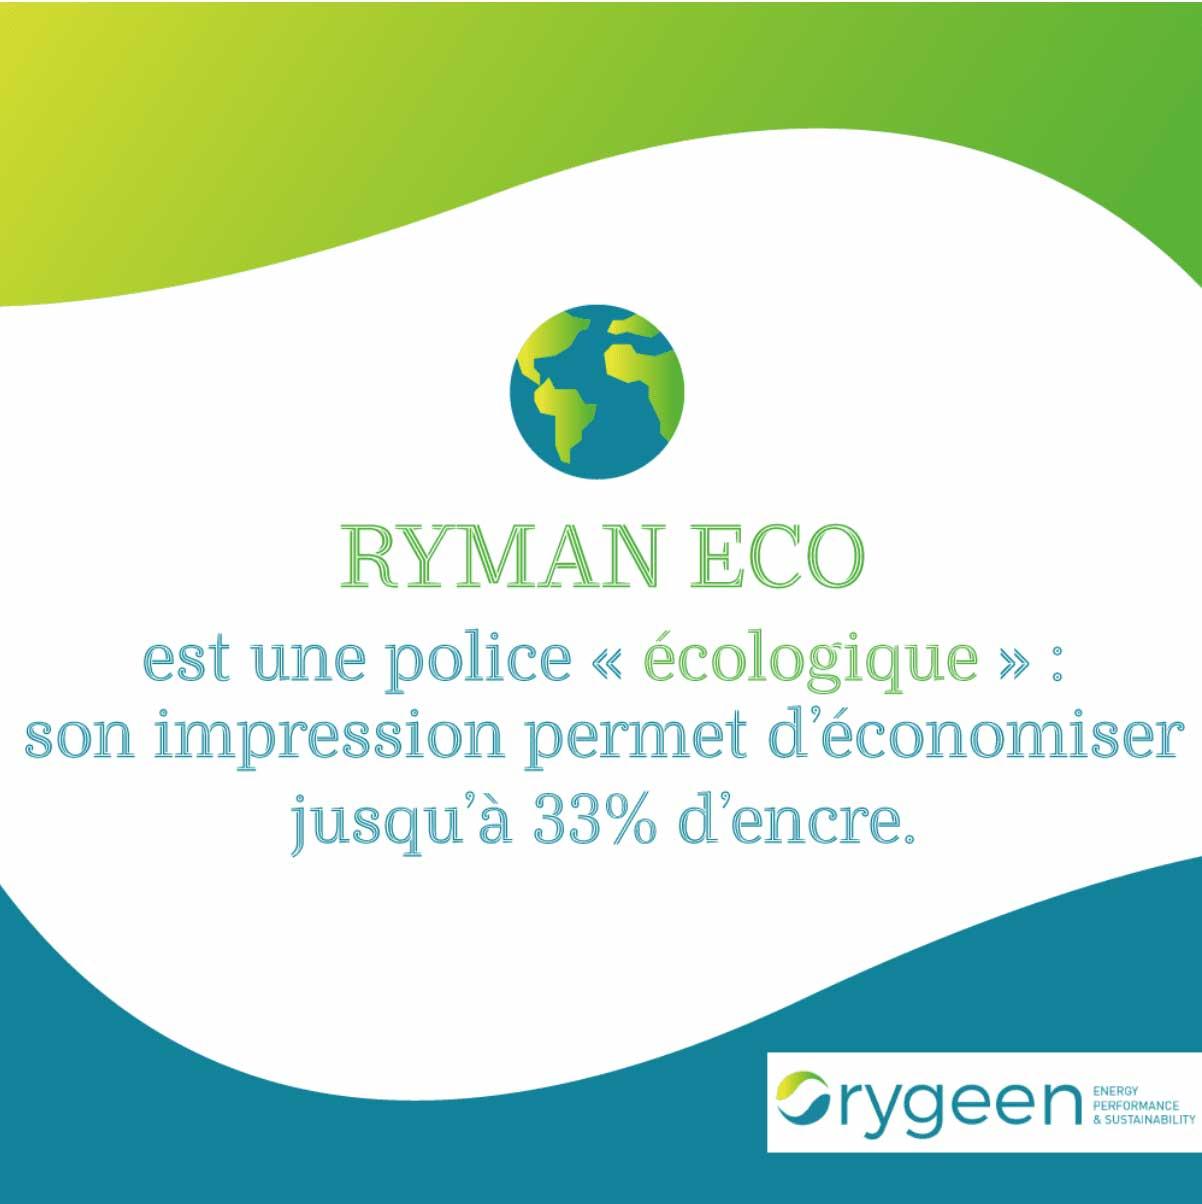 La Police Écologique Ryman Eco